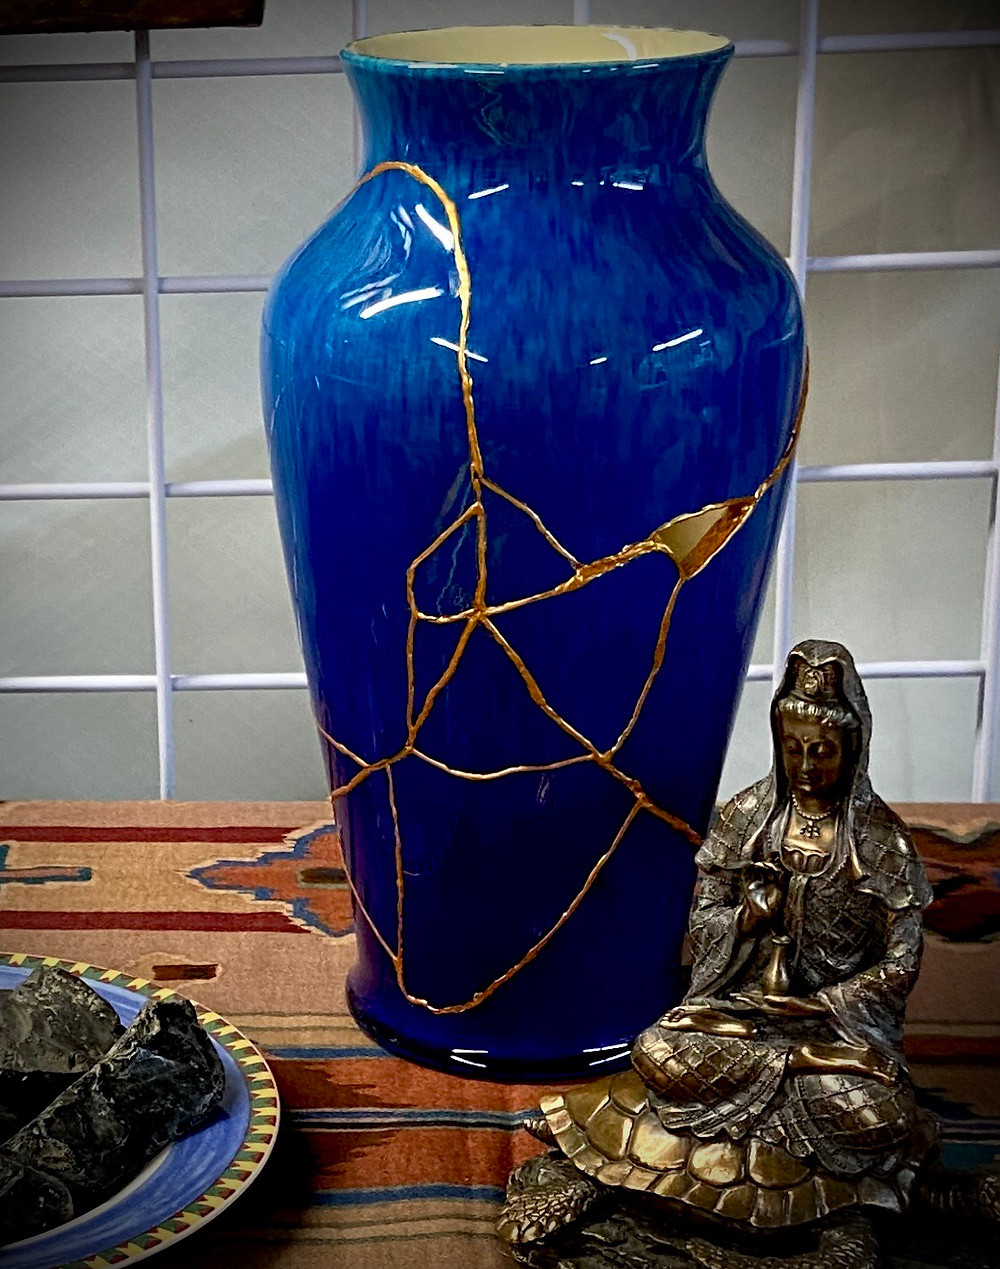 A piece of Kitntsugi pottery in Glenda's studio